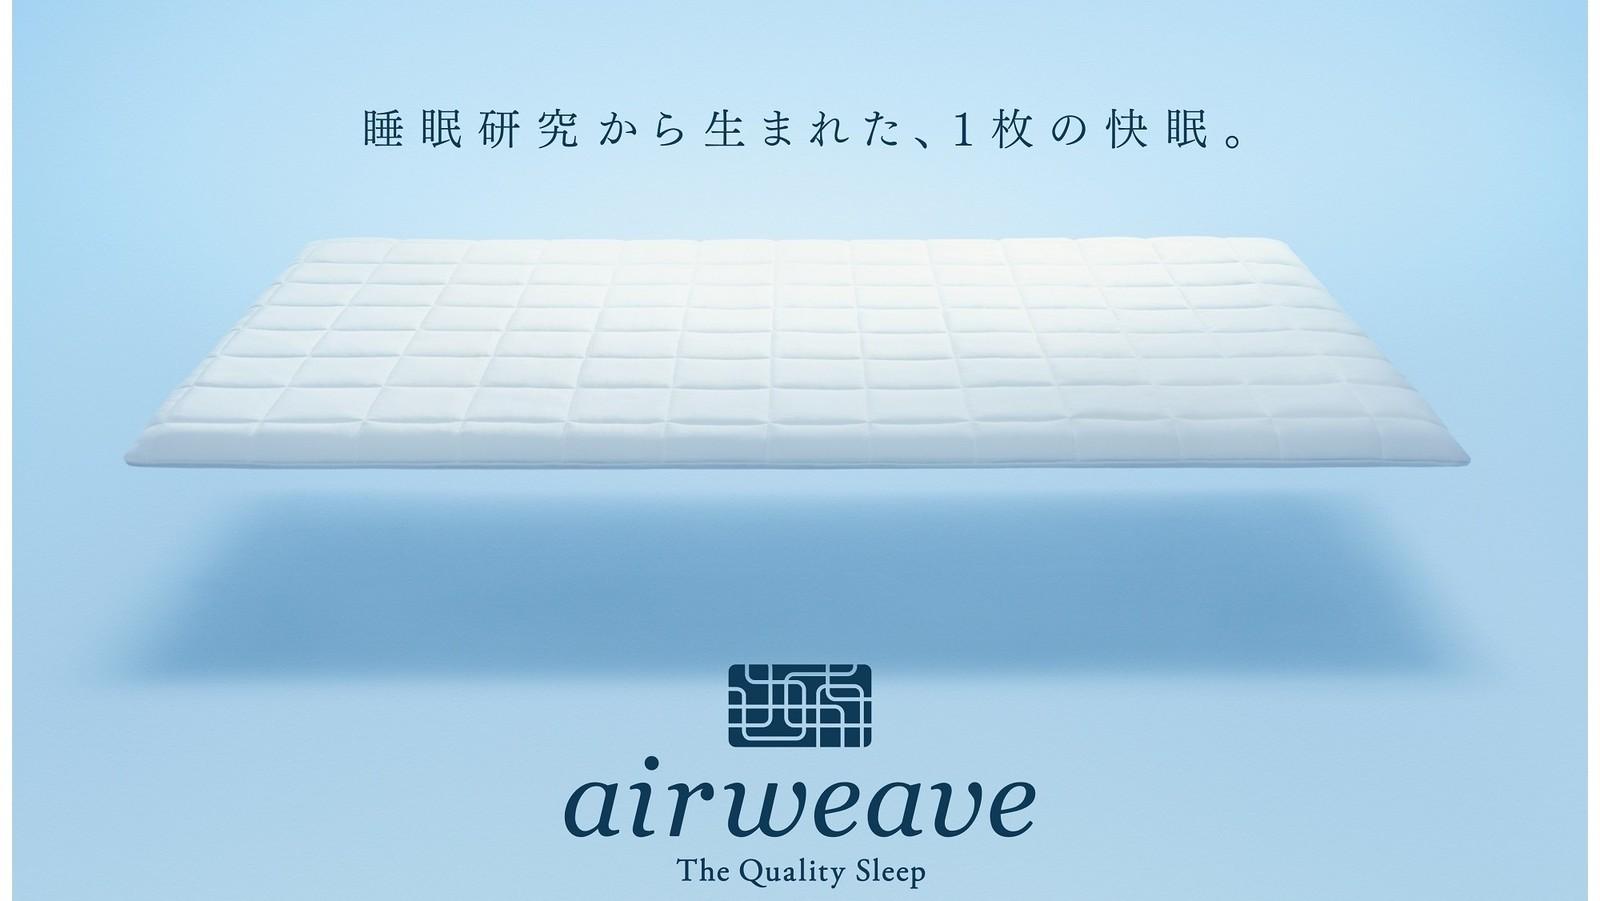 シンプレスト函館 / ■ダブル(2名定員)エアウィーヴ専用客室、15平米、ユニットバス・トイレ付き